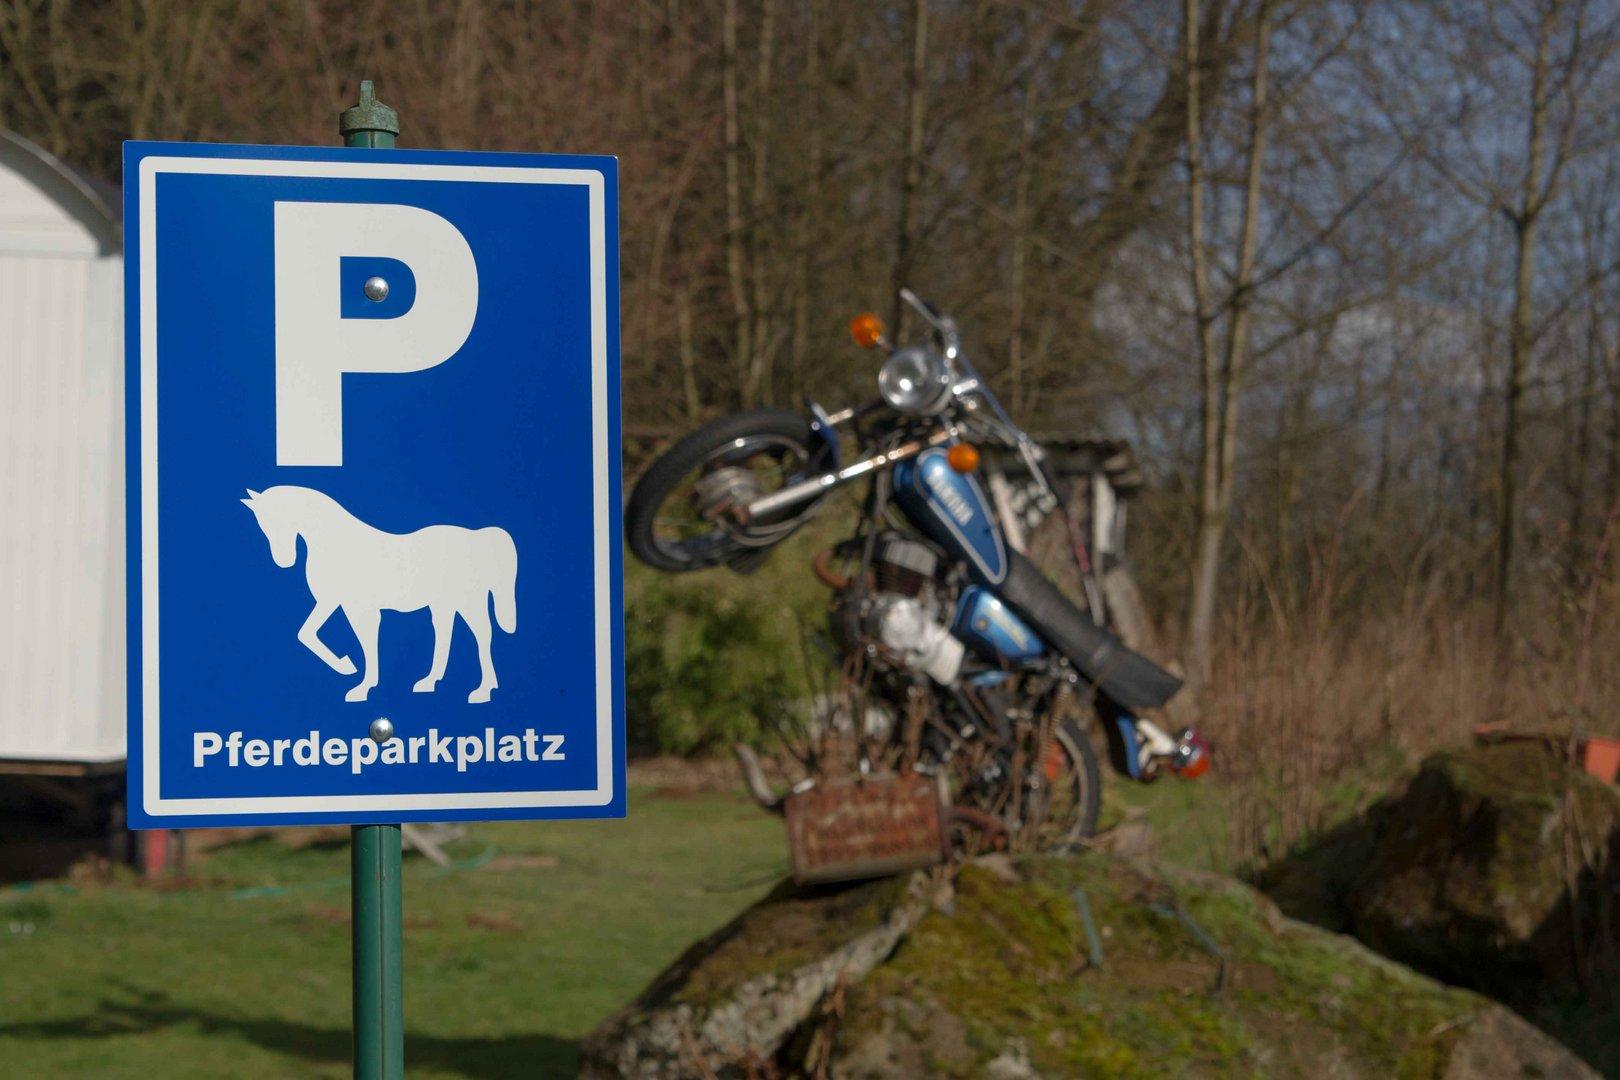 Pferdeparkplatz